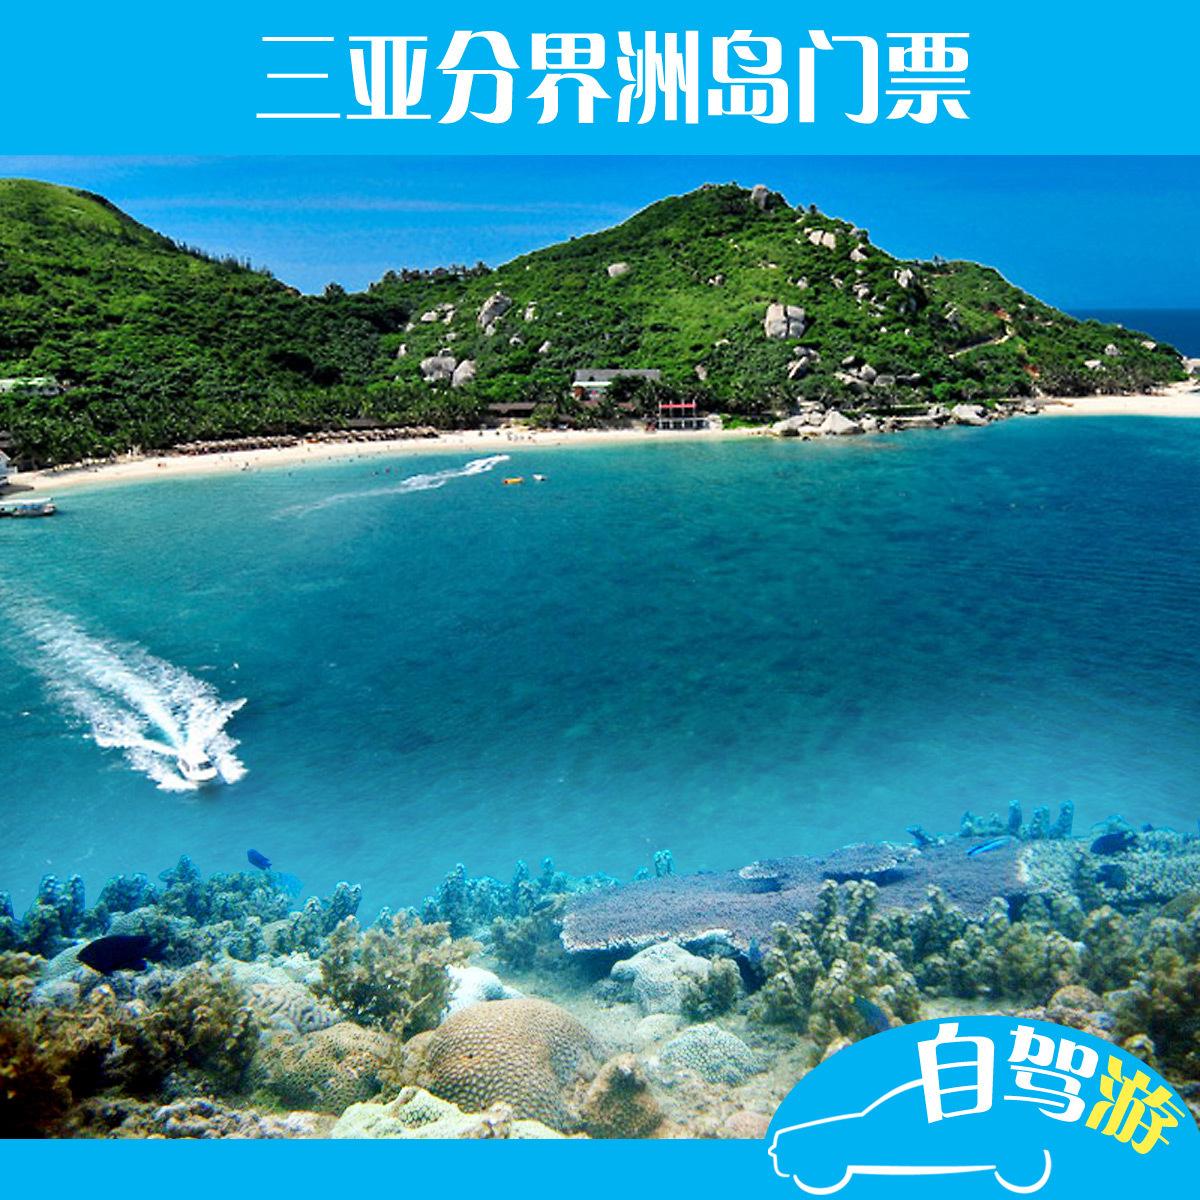 海南三亚附近陵水县分界洲岛景点门票景区取票旅游行